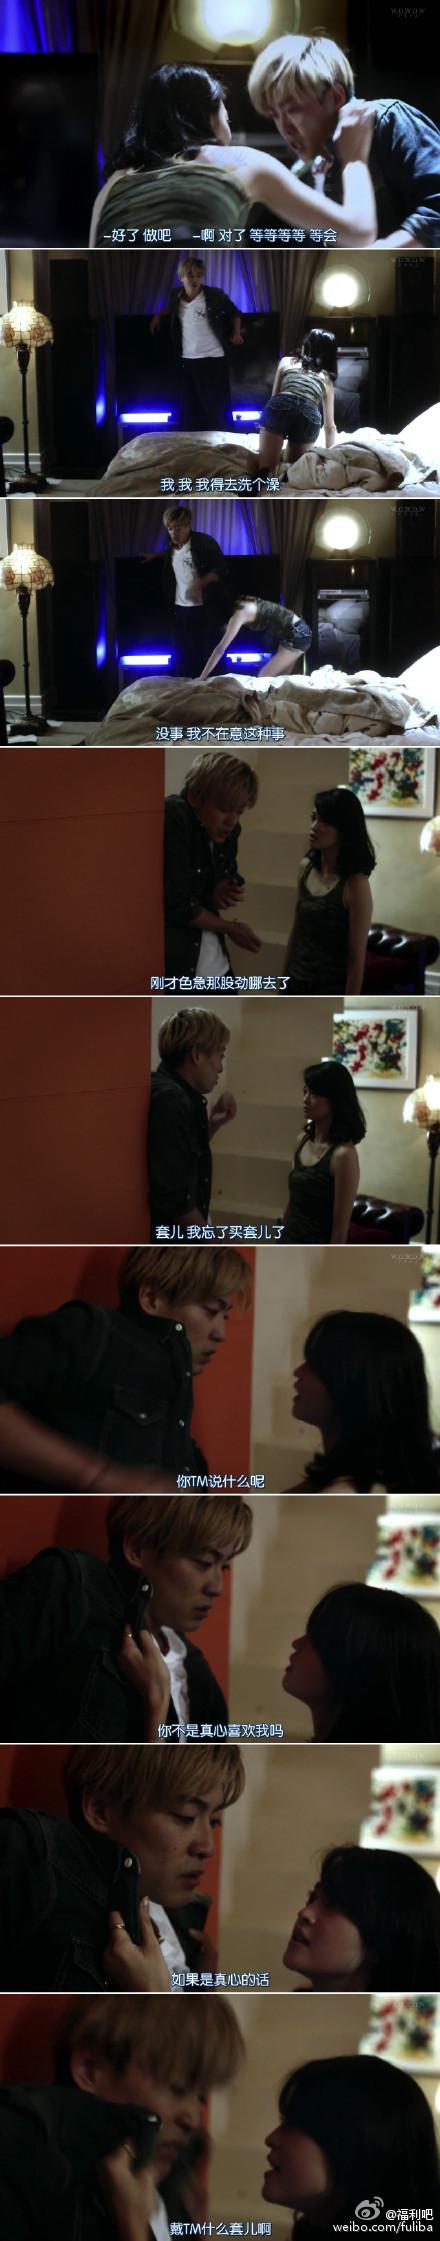 日本无节操短剧:《Oh love hotel》